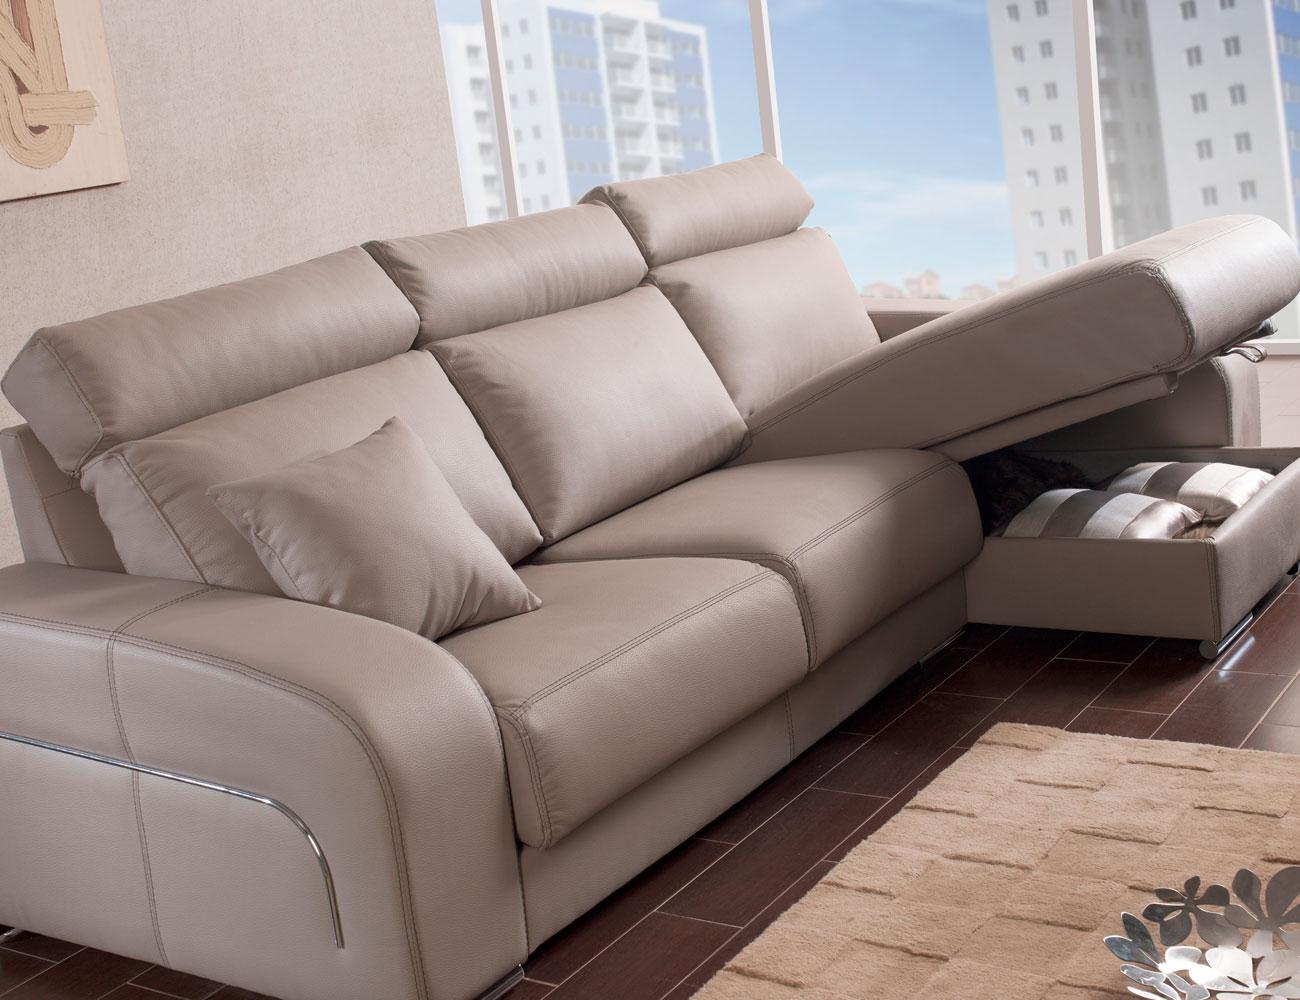 Sofa chaiselongue moderno pared cero arcon63